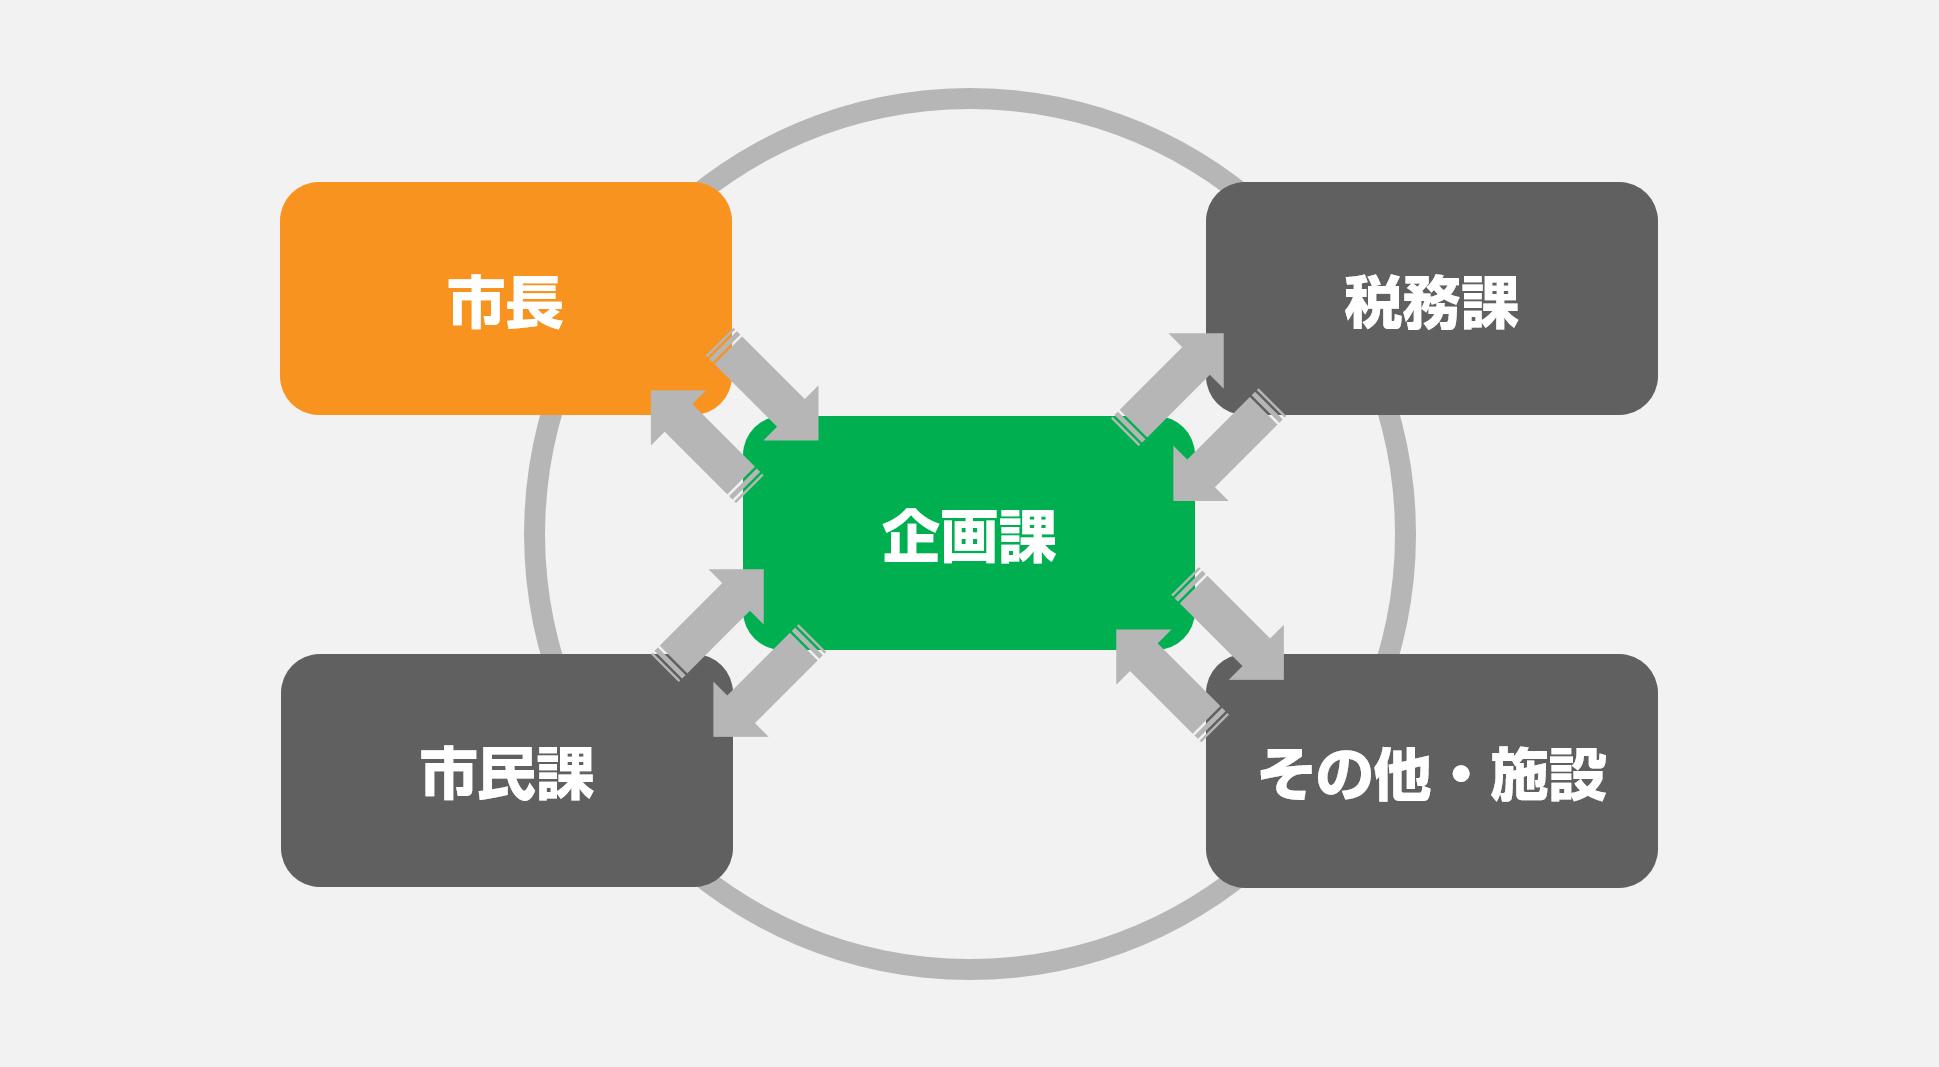 富岡市_4_サイクル図.png